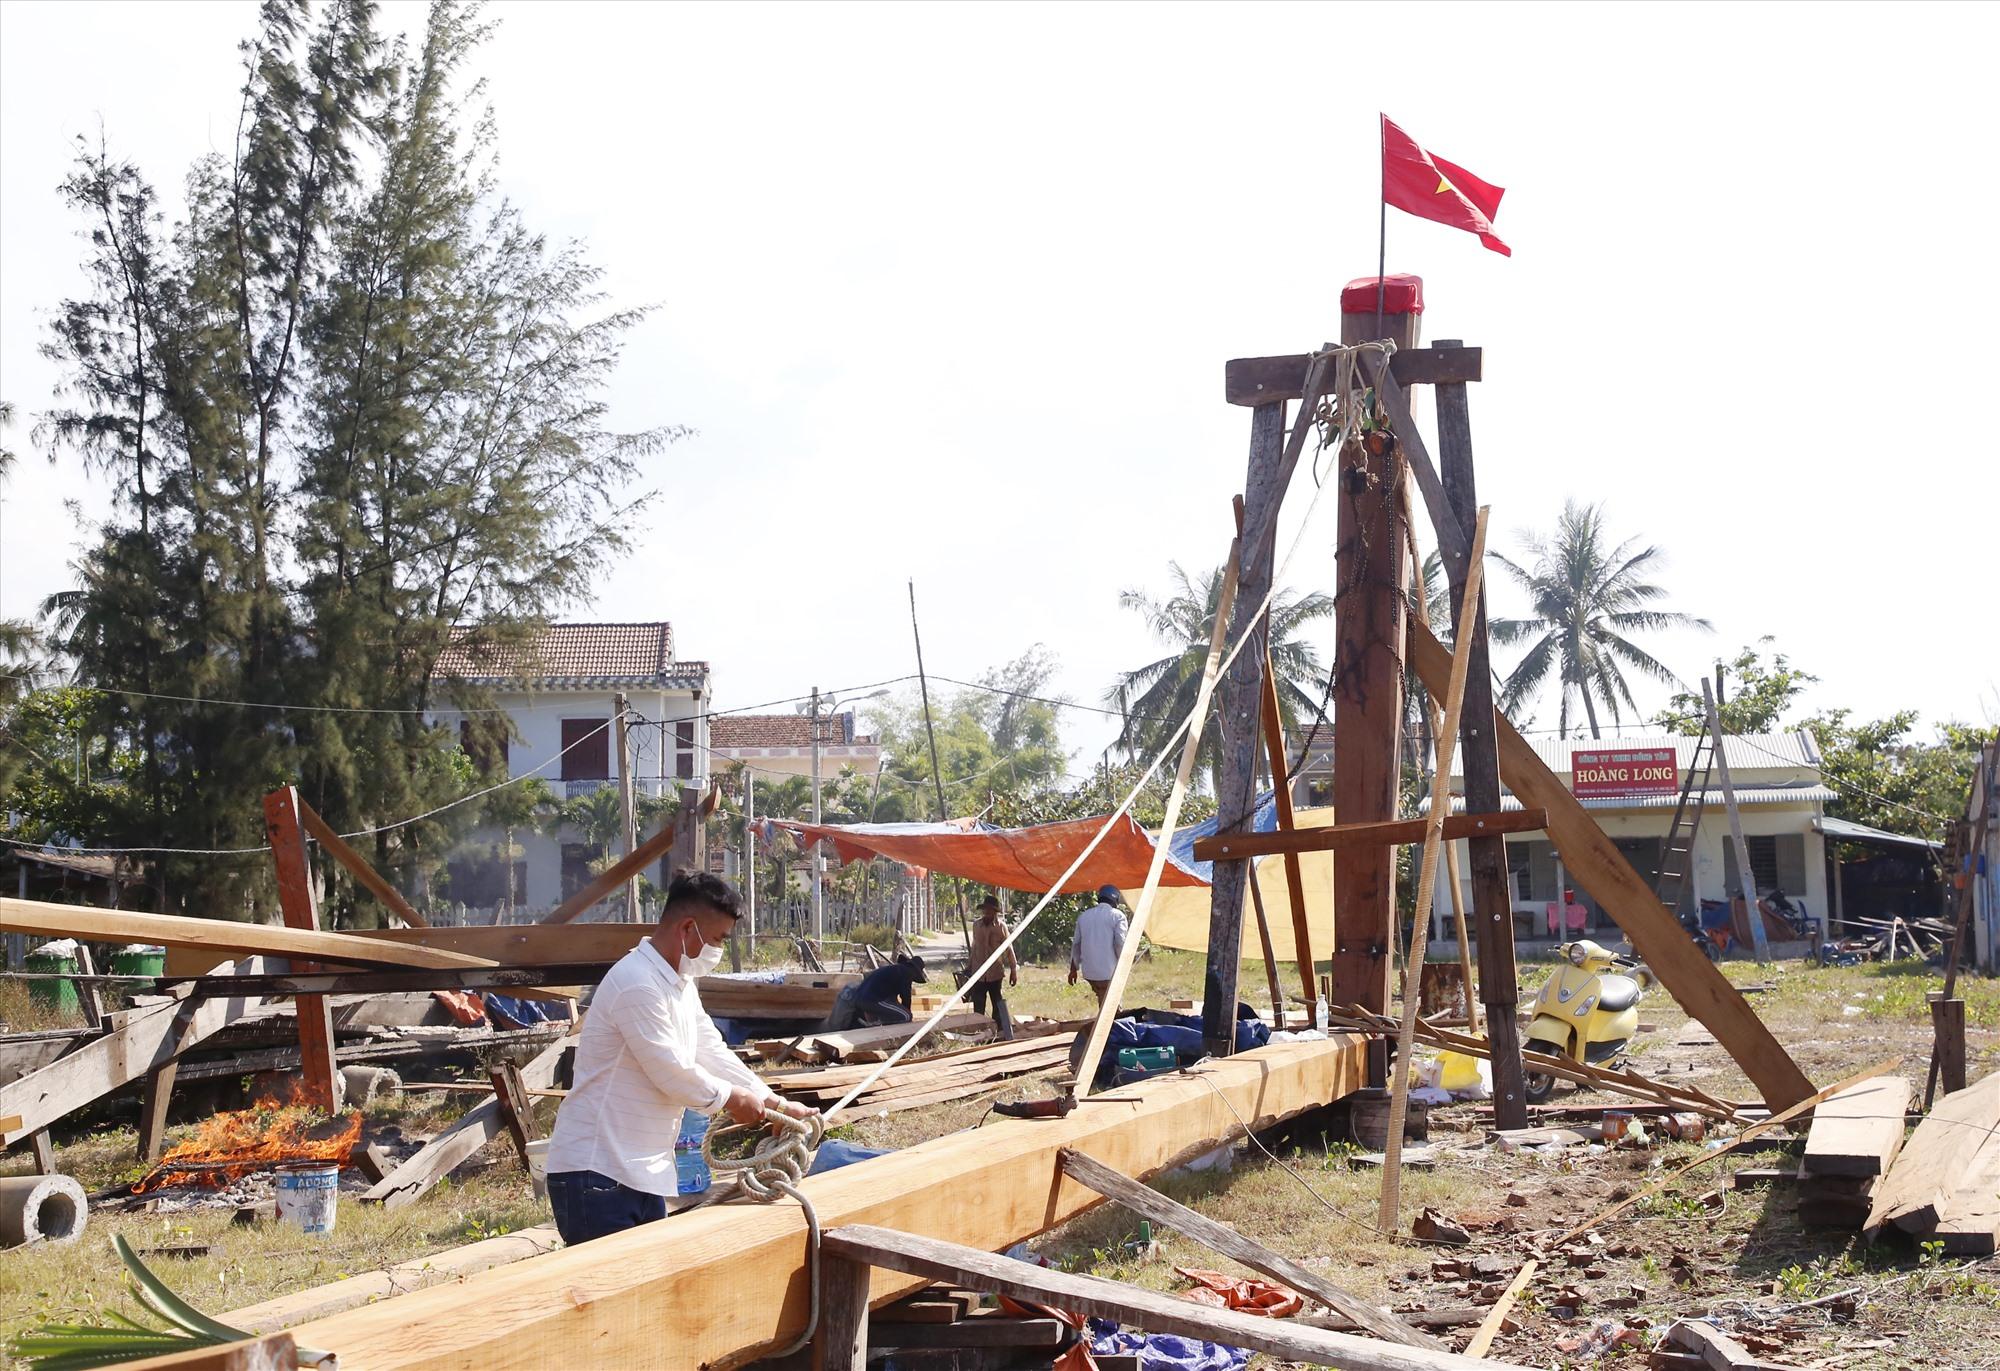 Vay từ quỹ hỗ trợ ngư dân và người thân, anh Bé đang gấp rút đóng một con tàu mới để tiếp tục vươn khơi.